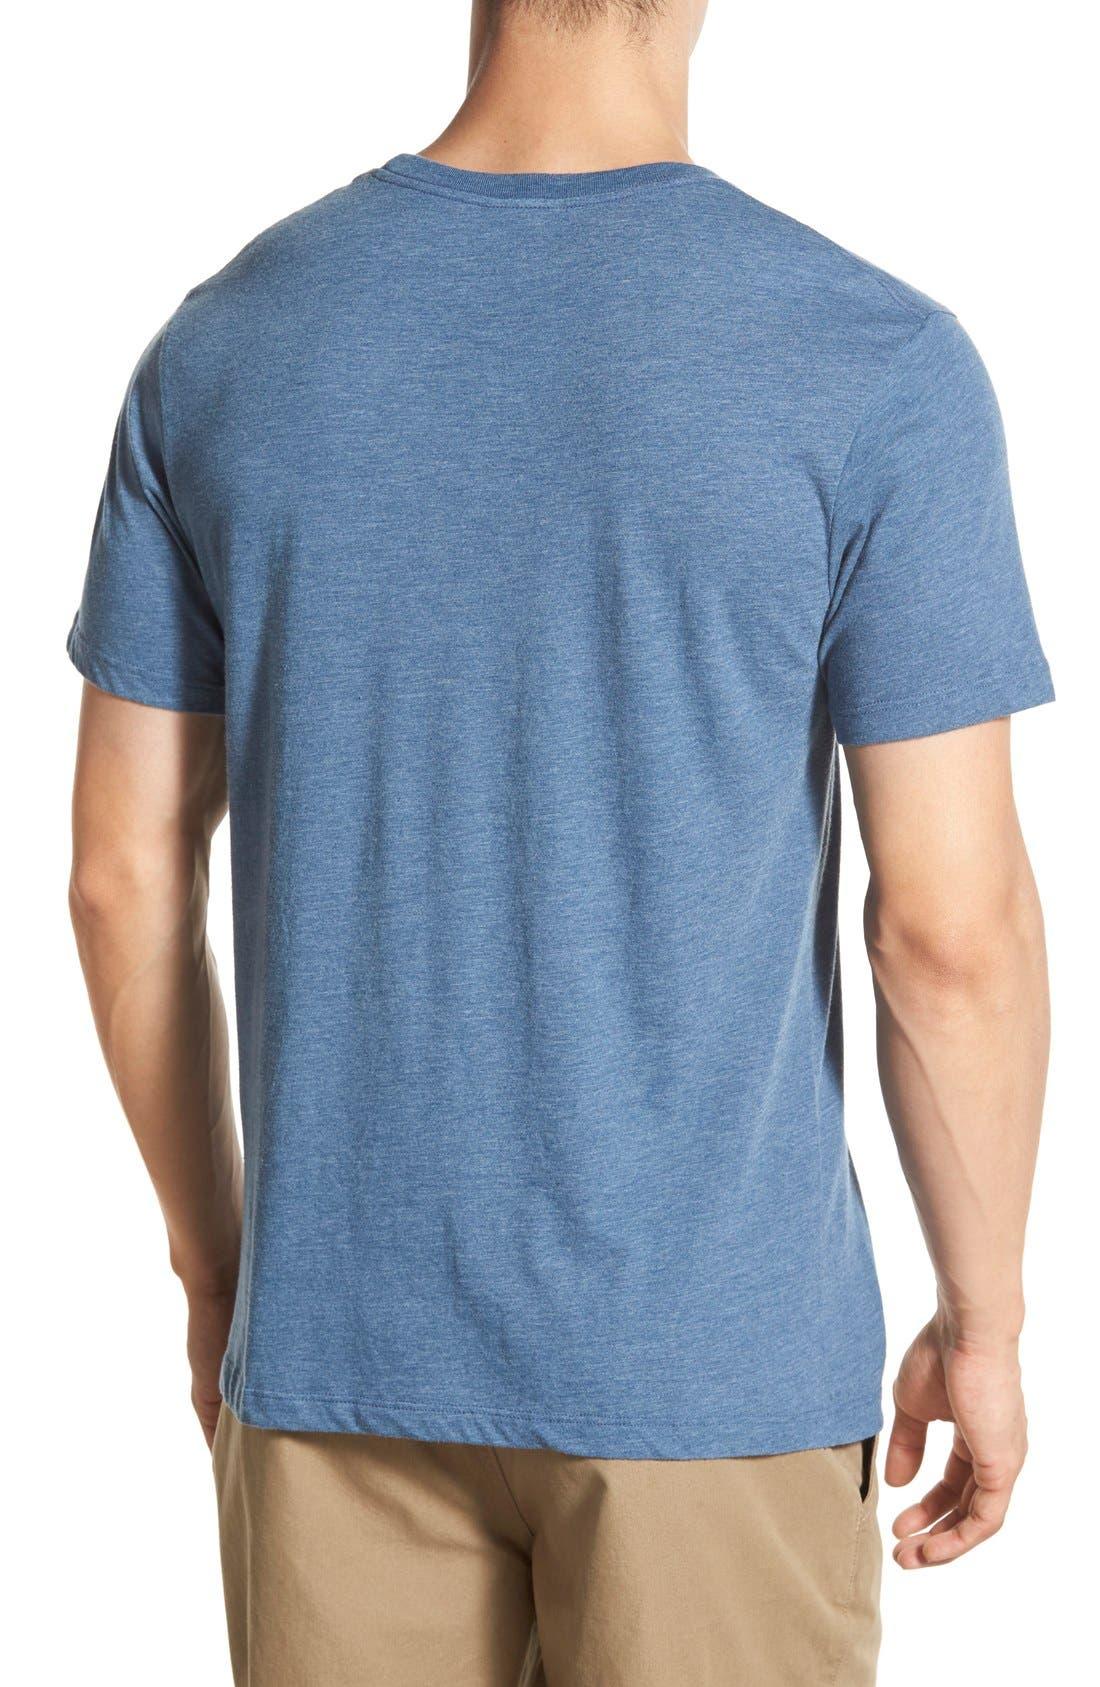 Alternate Image 2  - Patagonia 'Daily Triblend' Pocket T-Shirt